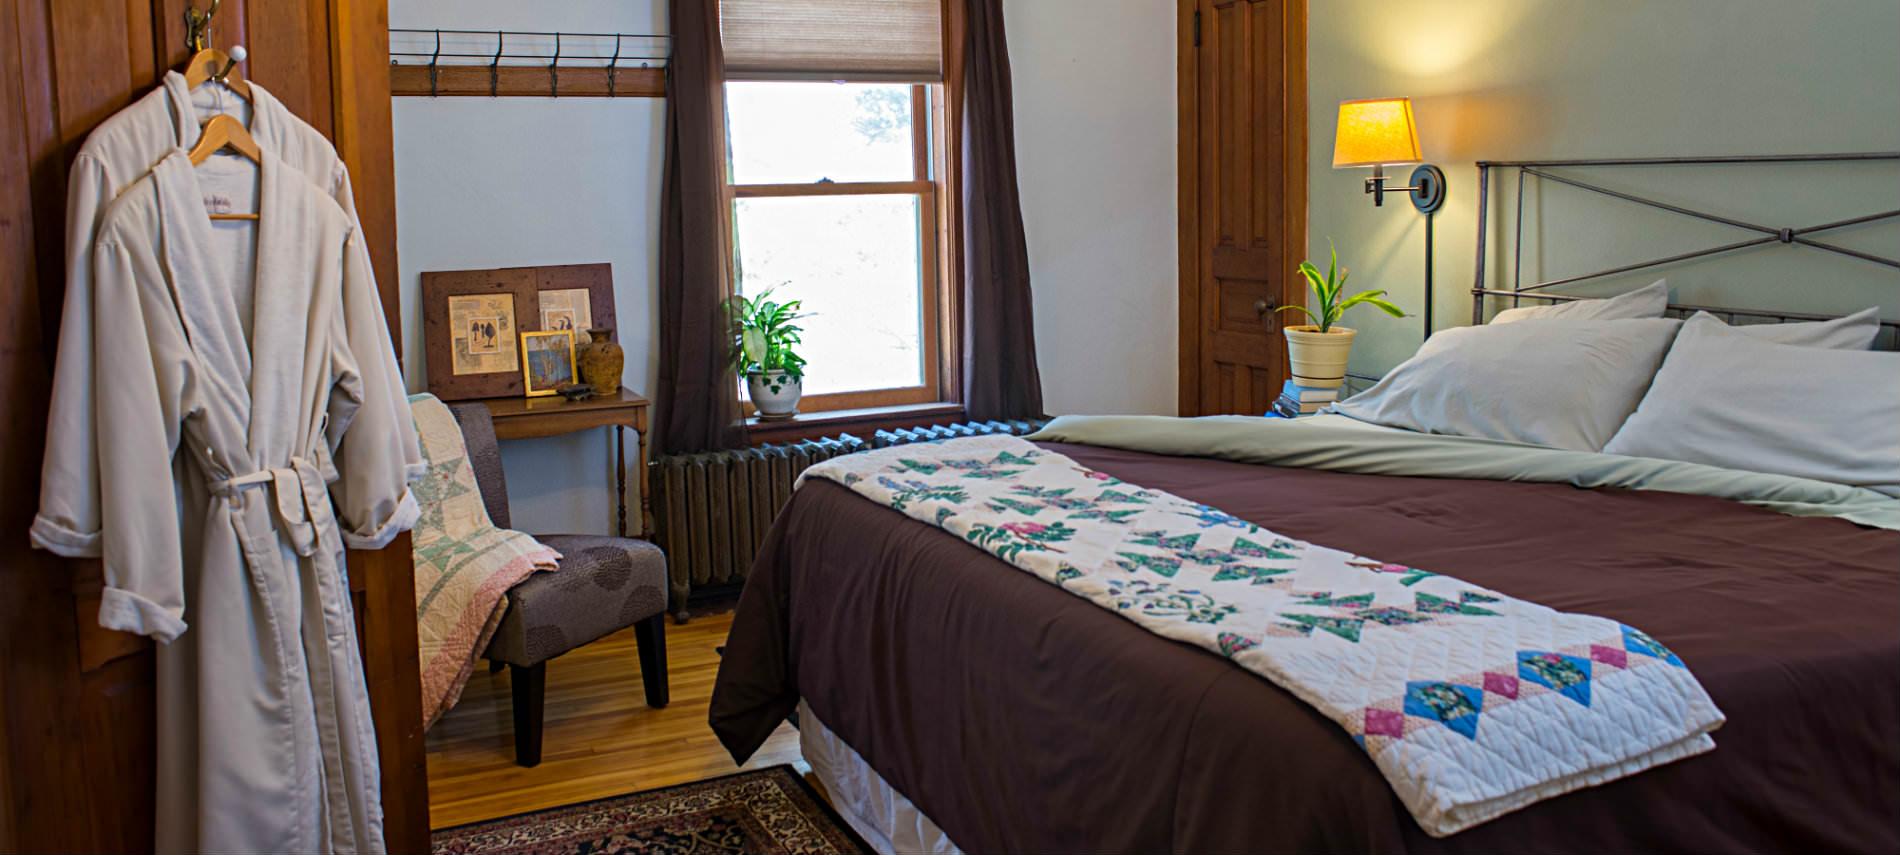 Holly Inn Pinehurst Room Rates